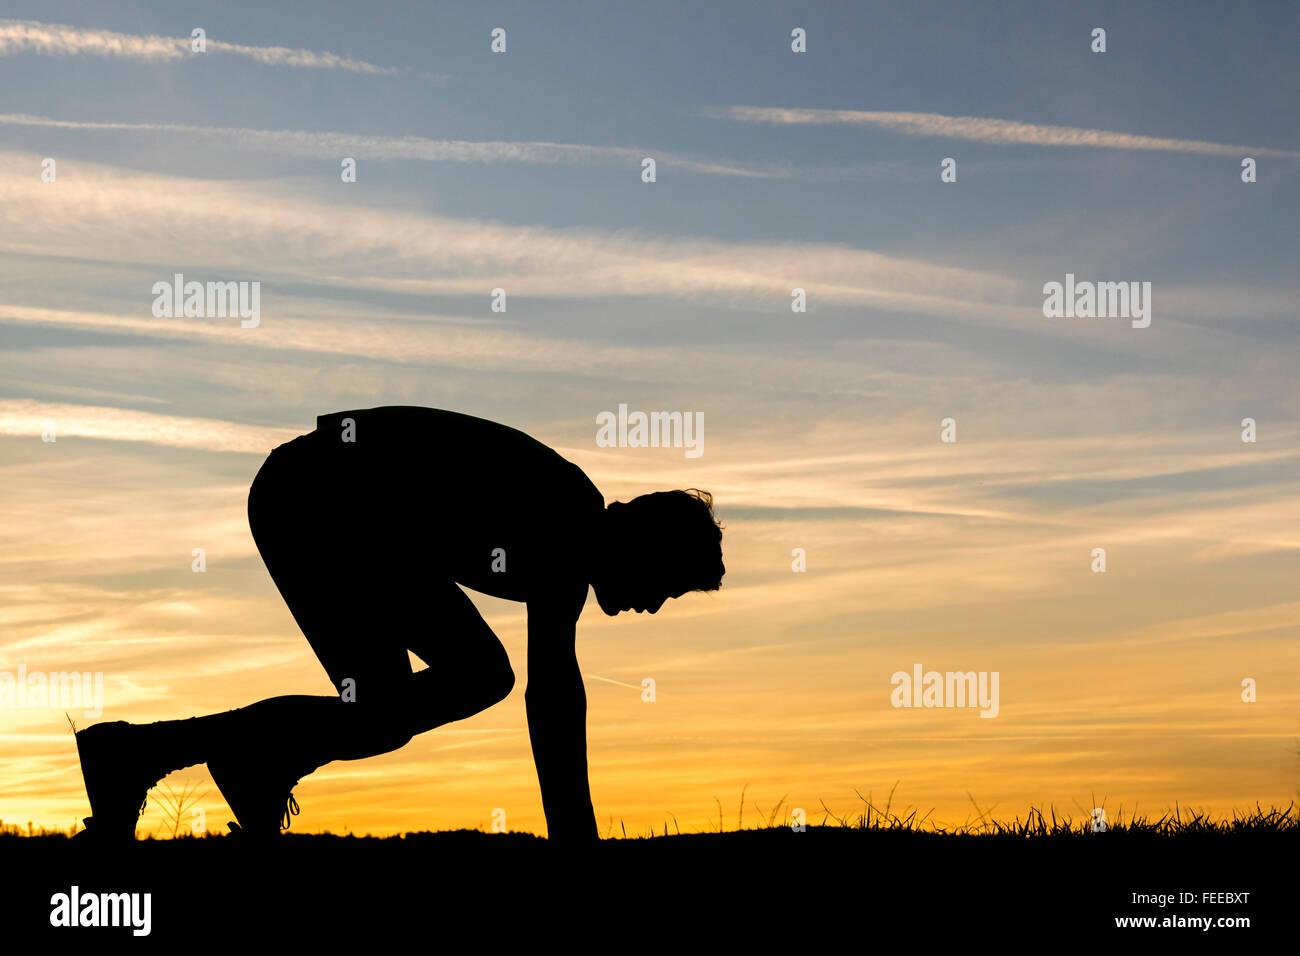 Silhouette, cielo notturno, uomo accovacciato prima di sprint, atletica leggera Immagini Stock